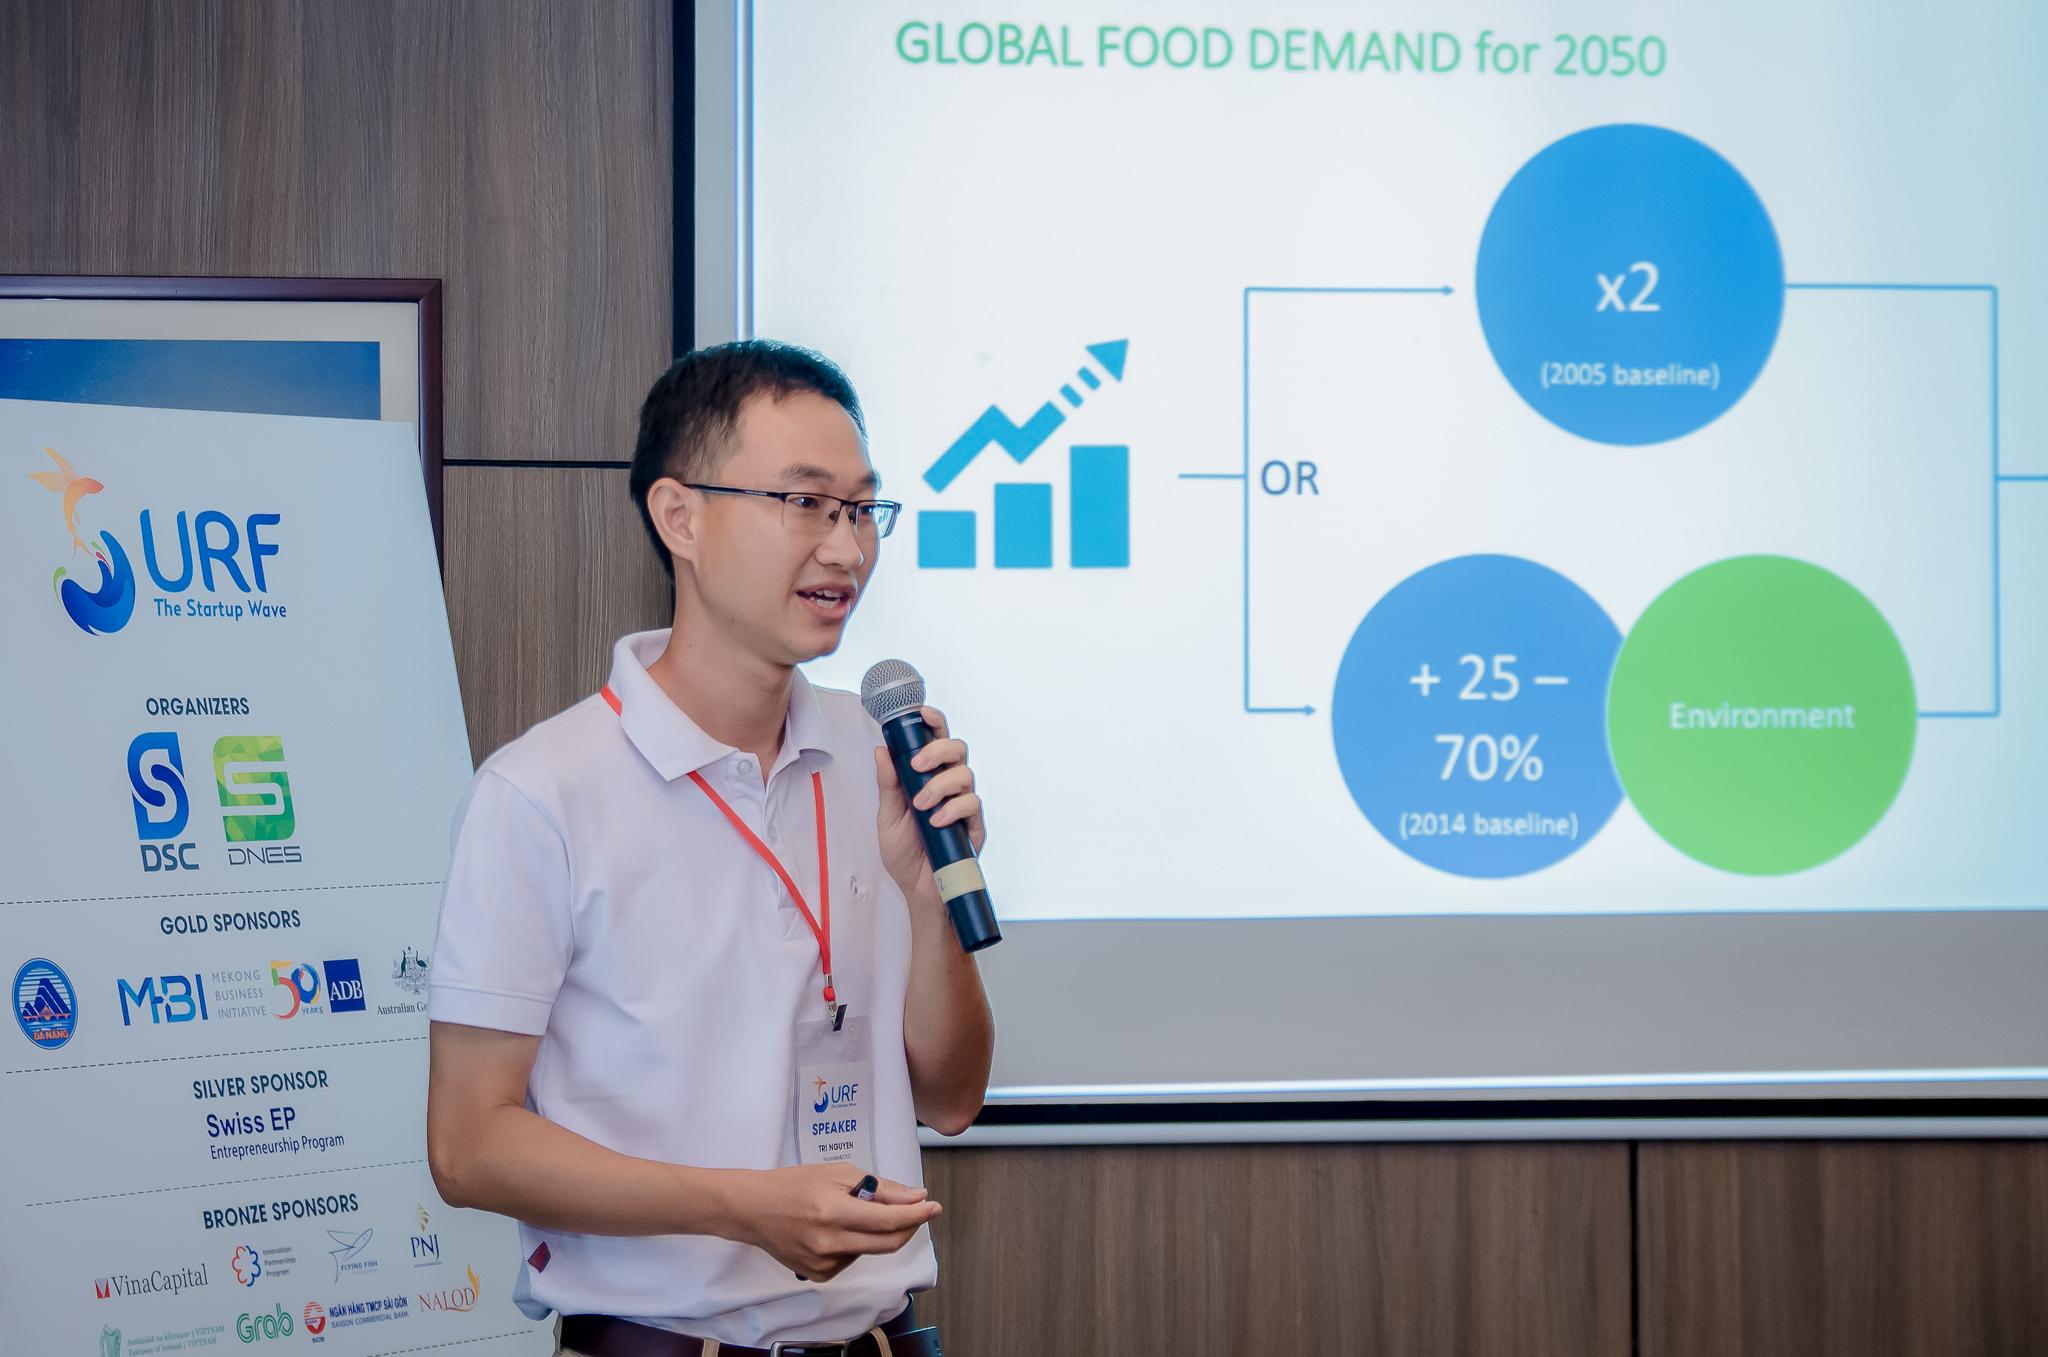 """Nguyễn Khắc Minh Trí, CEO - founder của công ty nông nghiệp công nghệ cao MimosaTek trao đổi về những tâm tư của người """"sống sót"""" sau 5 năm theo đuổi con đường khởi nghiệp đầy chông gai này..."""